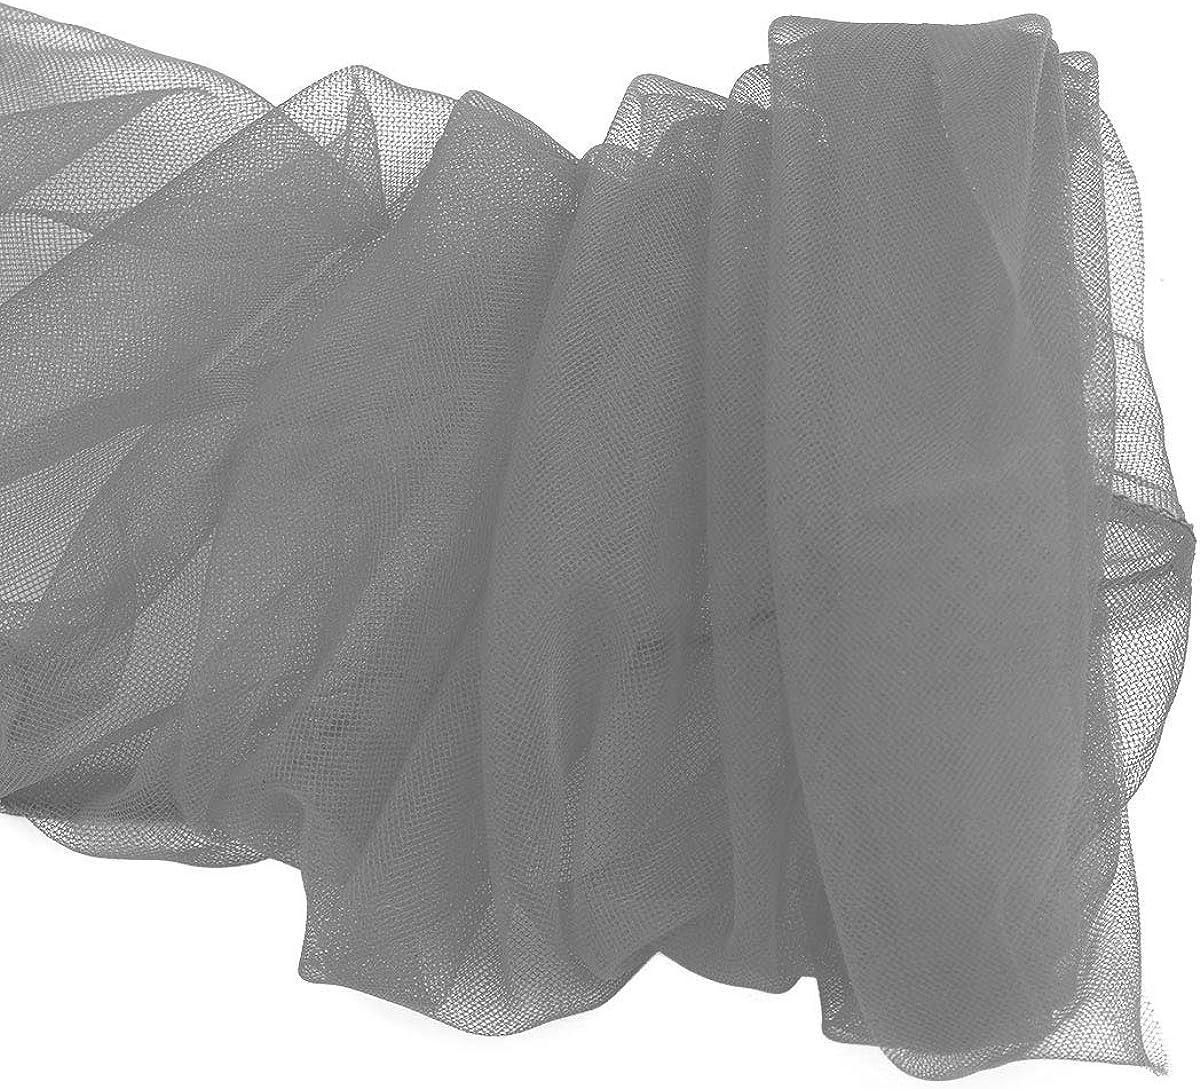 Agoky 1 Paire Longue Gants Mitaines Transparent Tulle DIY Gants Doigt Complet Pour Femme Jeune Fille Mariage Mari/ée F/ête Bal de Promo Photographie Accessoires Mittens 70 CM